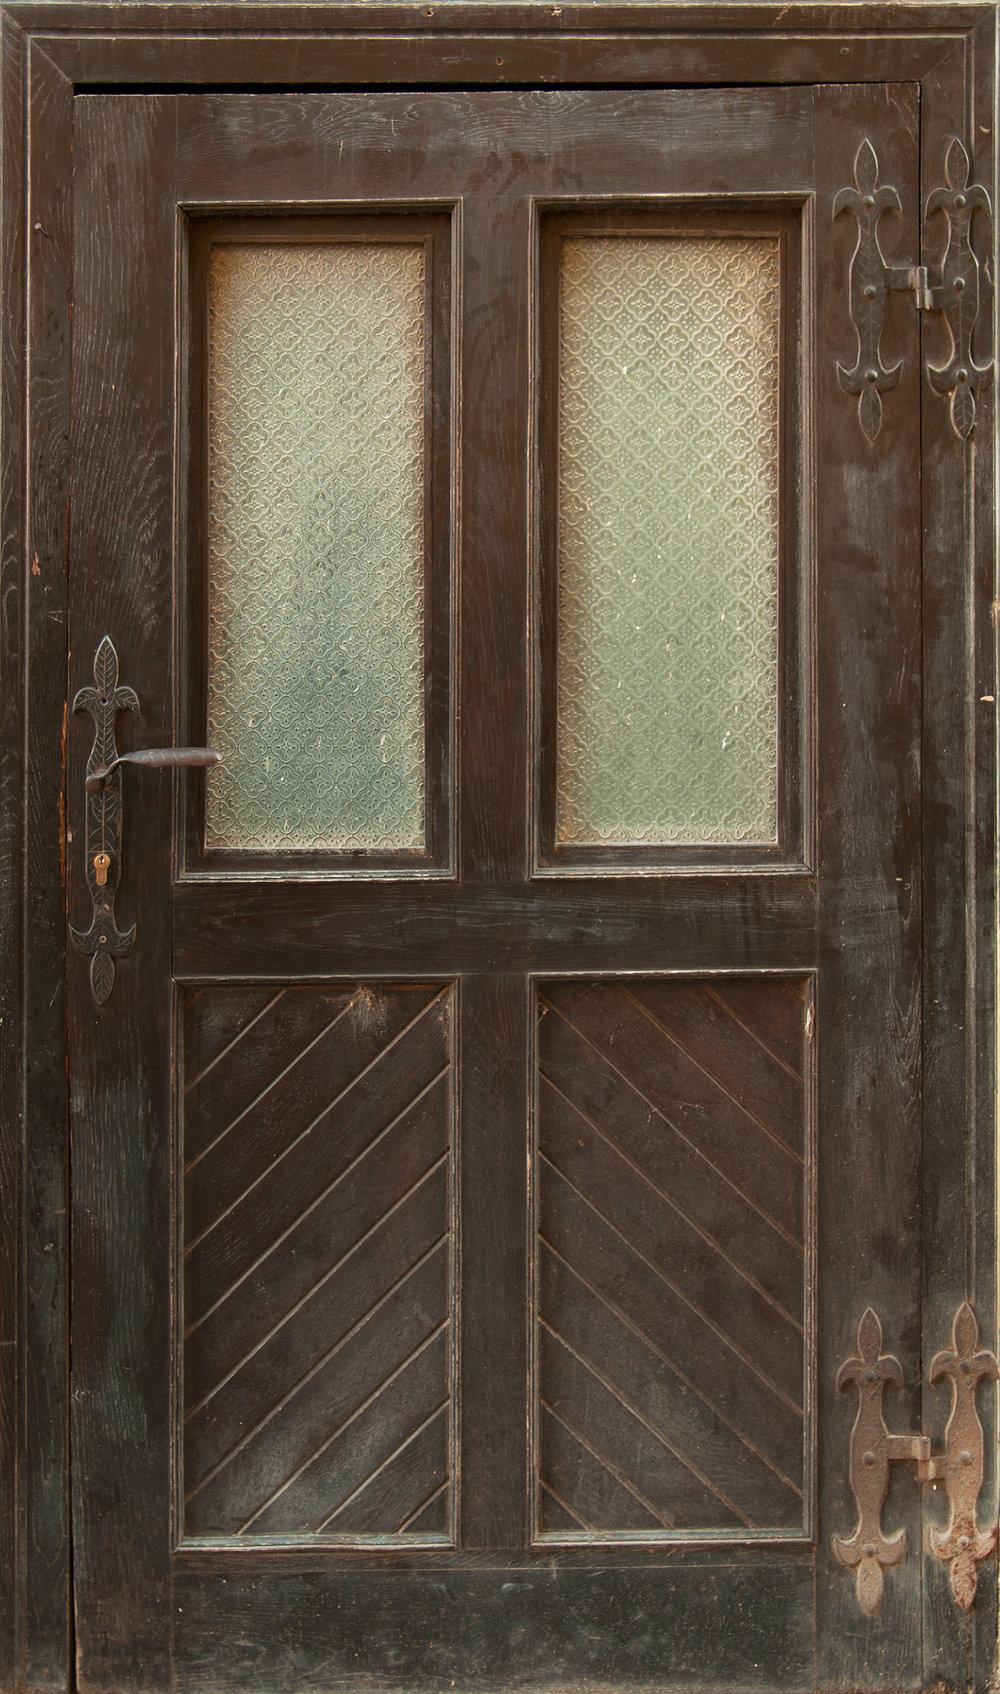 Antique Light Door.jpg